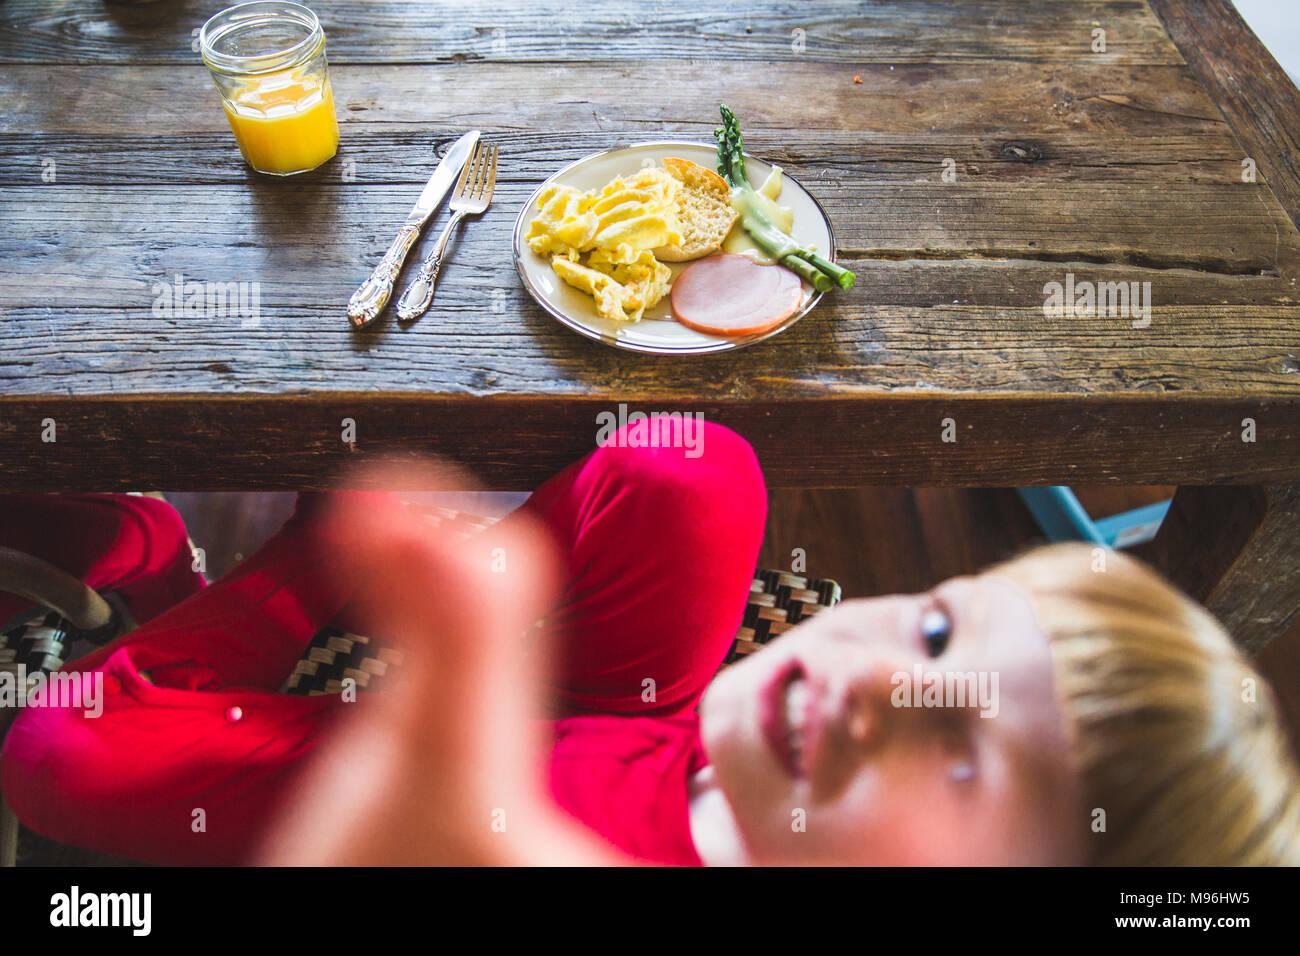 Chico mirando a la cámara con comida preparada en la mesa Imagen De Stock